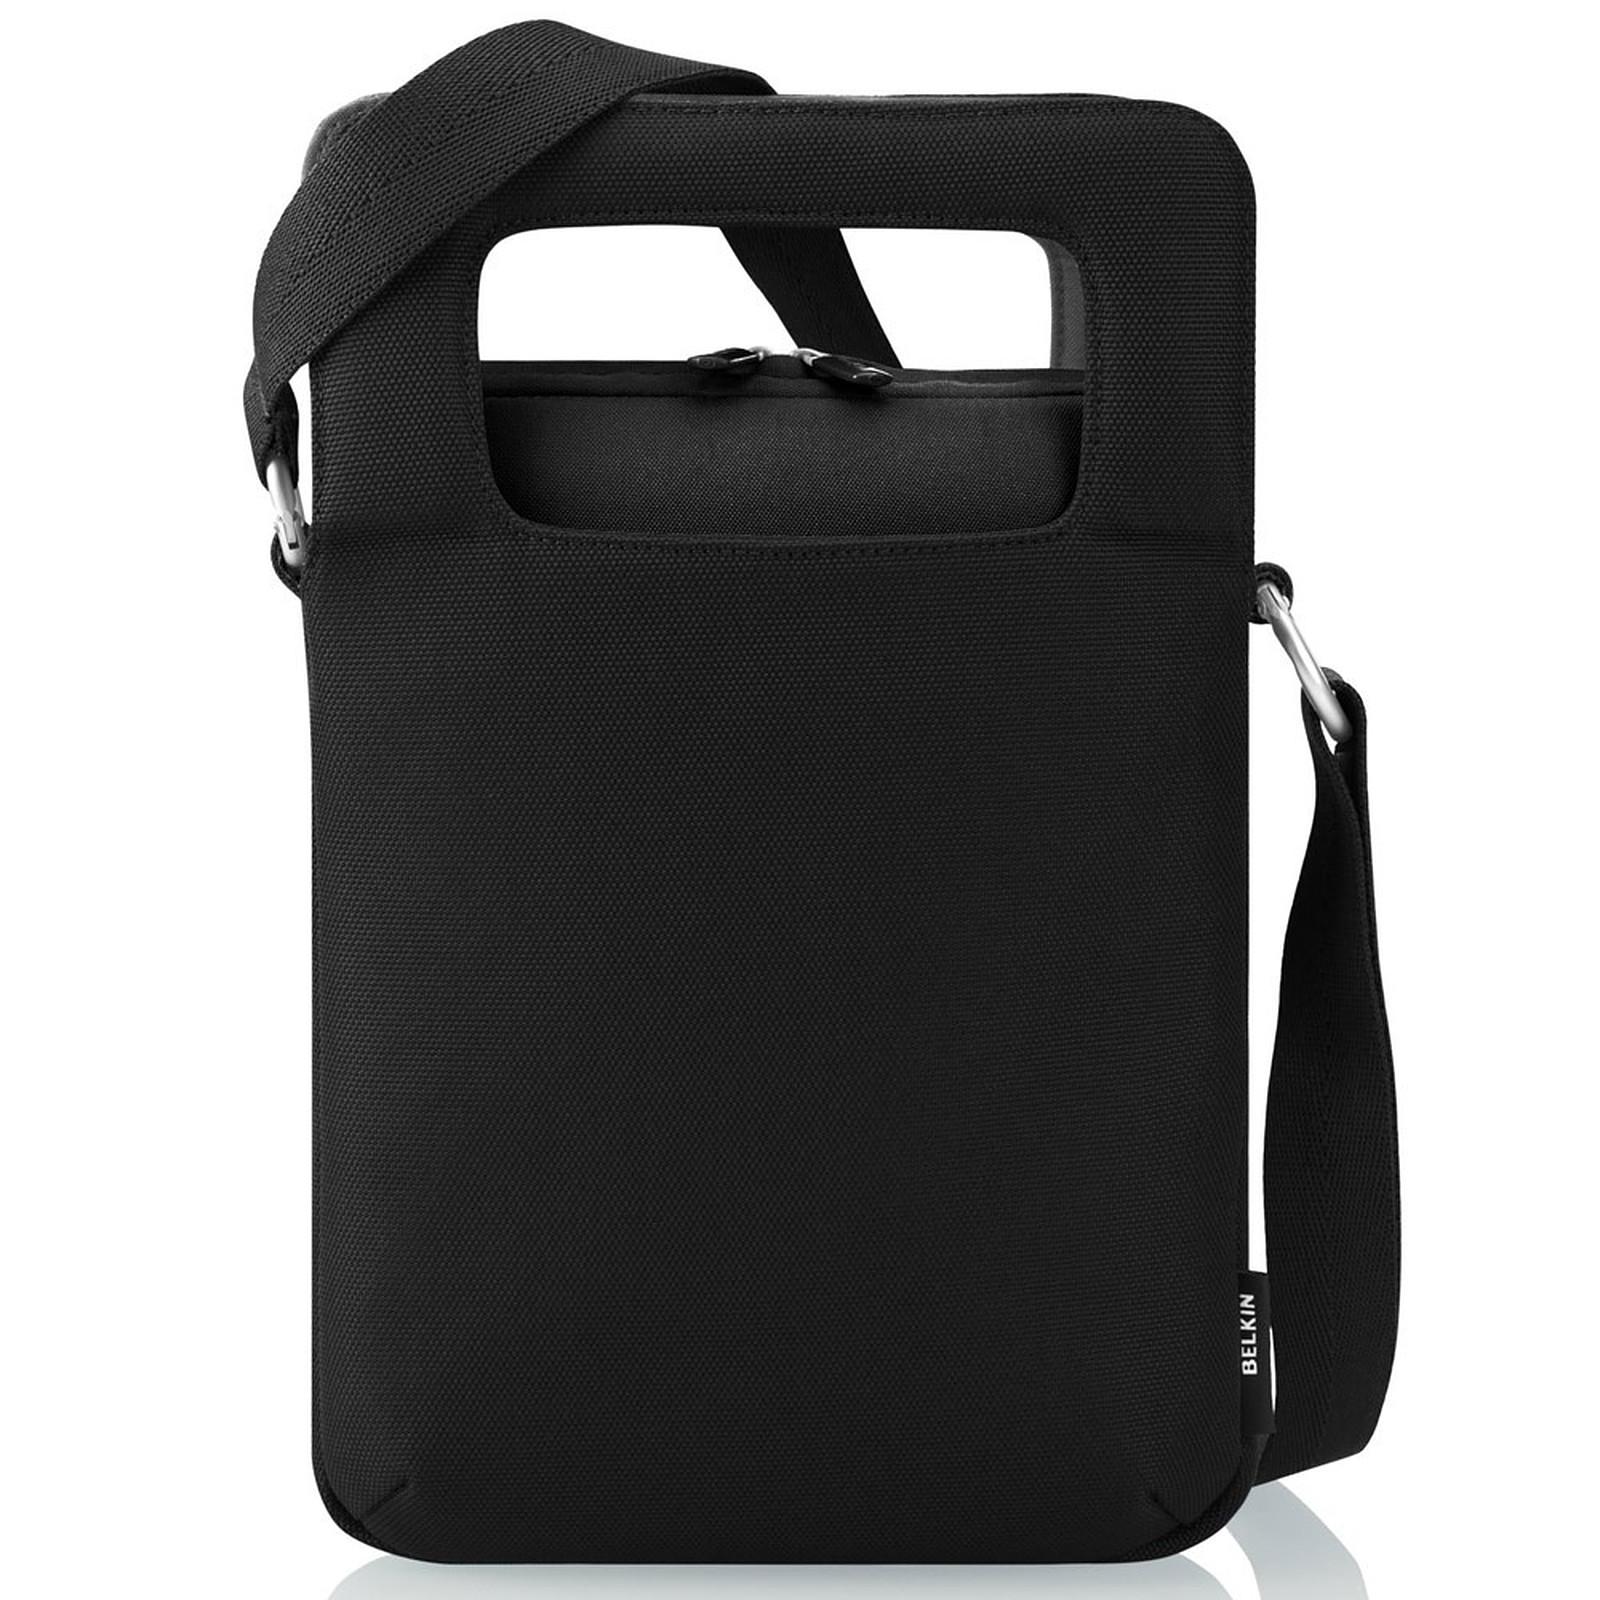 a2b3d42fed Belkin sacoche à bandoulière pour netbook (jusqu'à 10.2'') - Sac ...